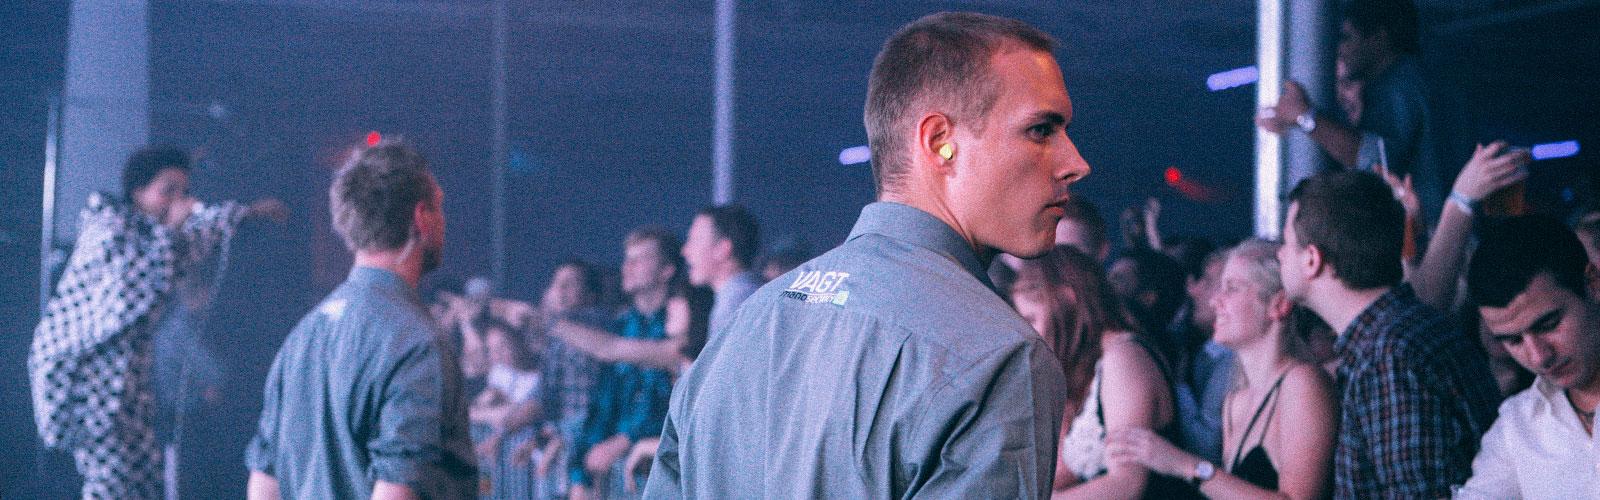 Mano Security vagter der betragter publikum i Øksnehallen til CBS årsfest